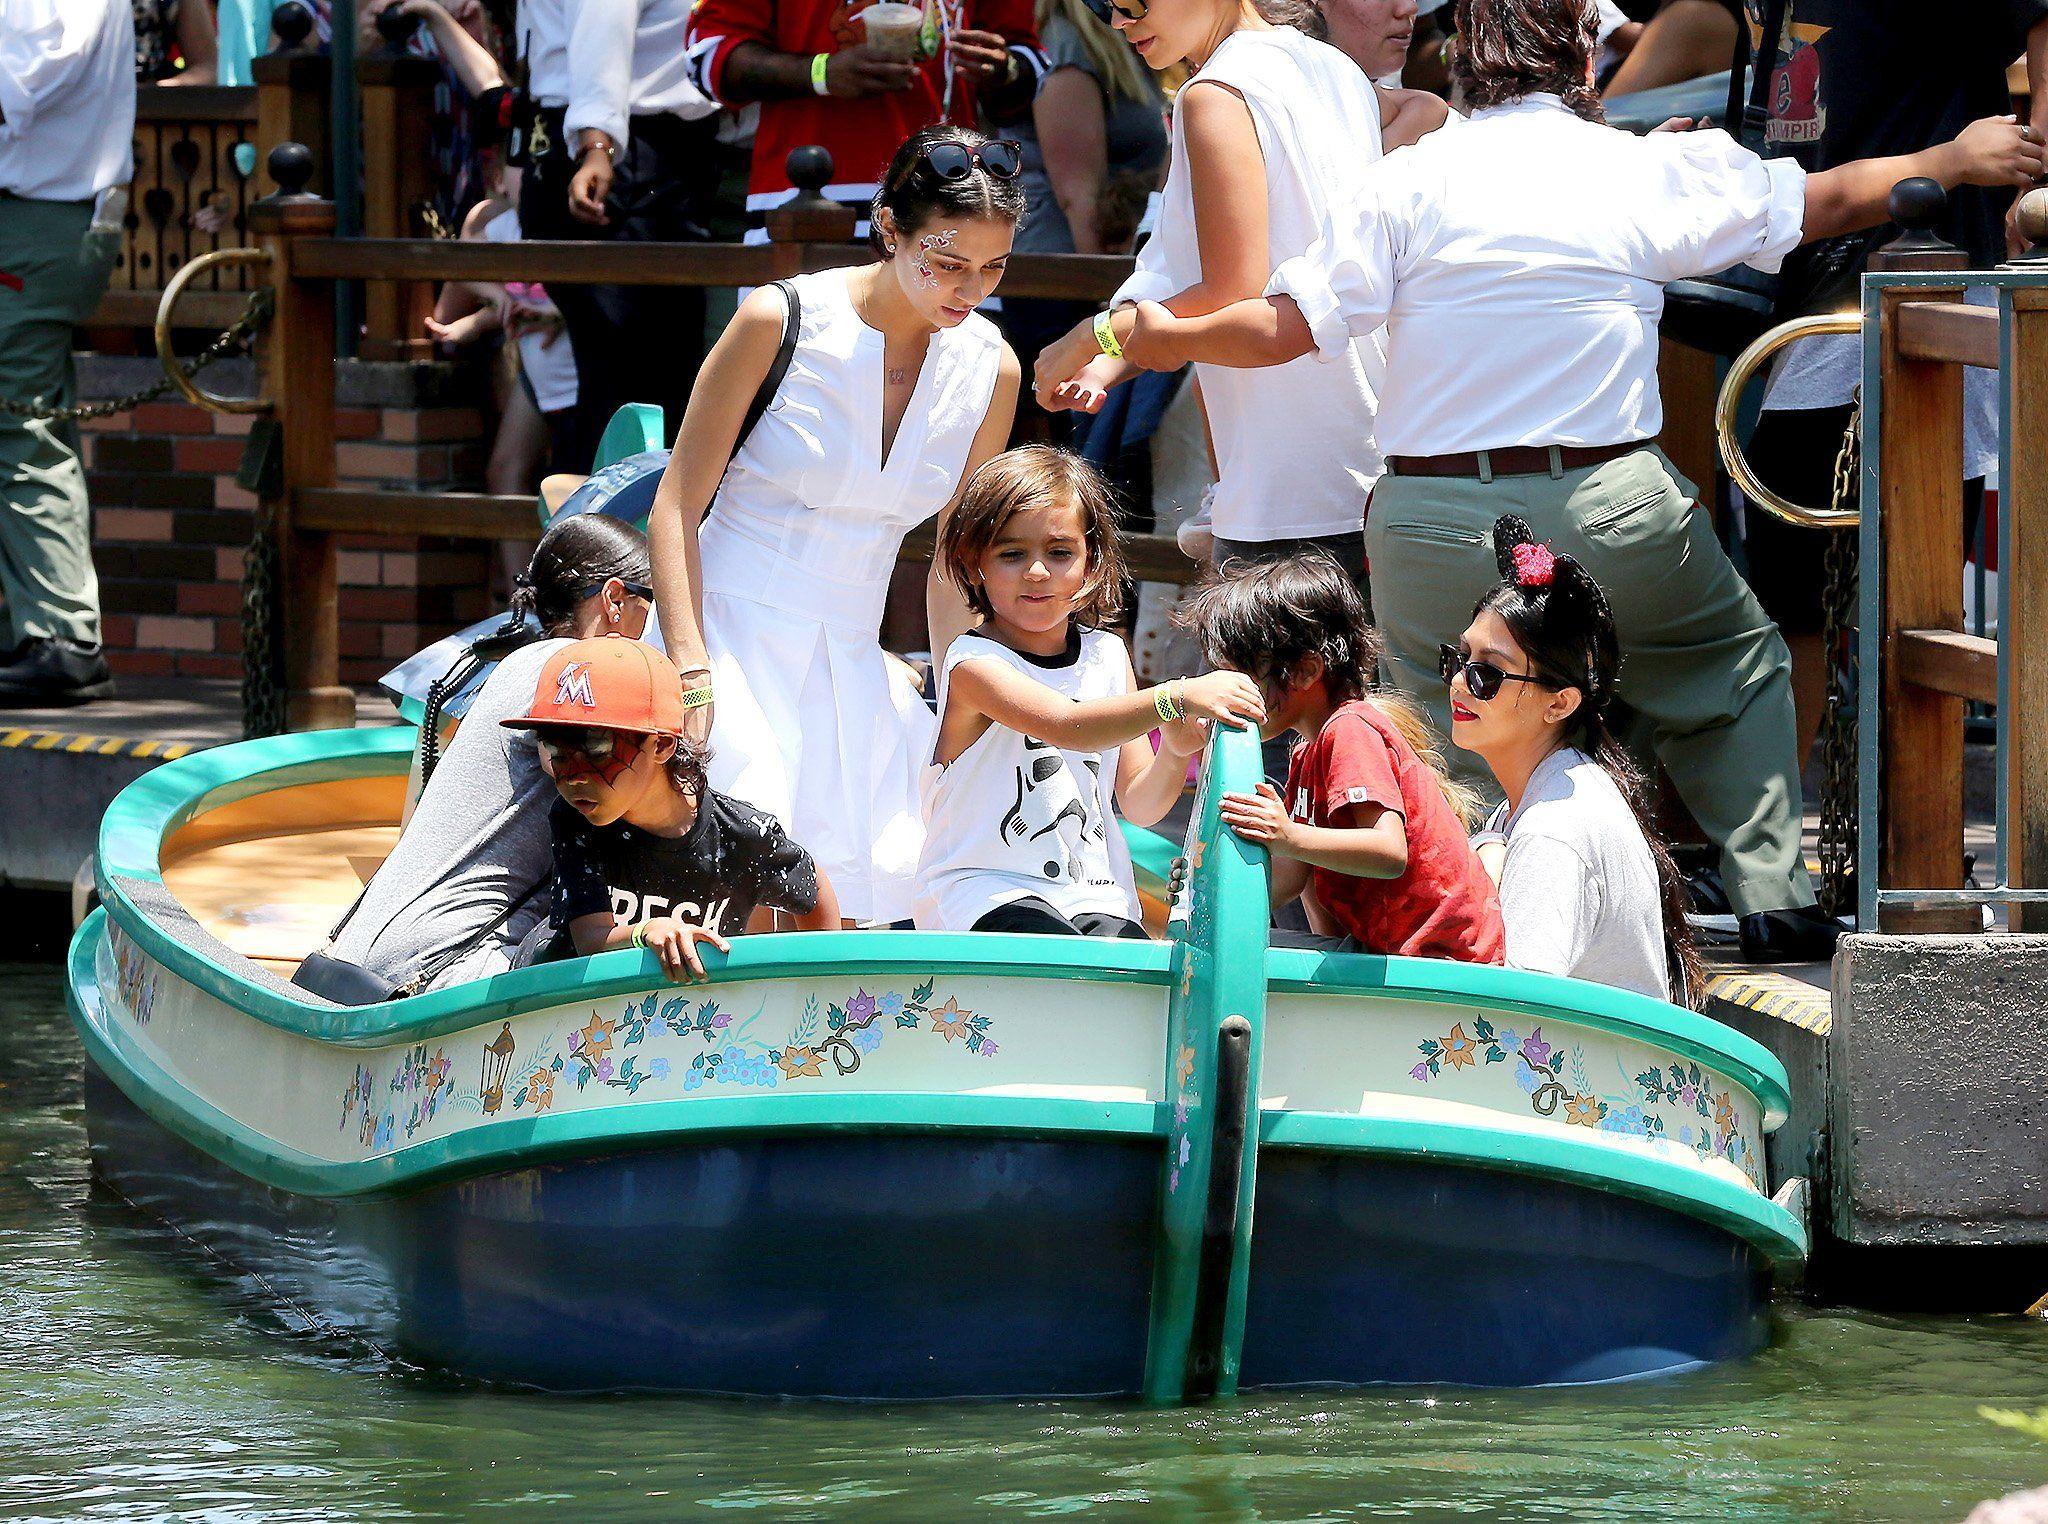 725da620-13b0-11e5-b11d-977286096085_Kim-Kardashian-family-Disneyland